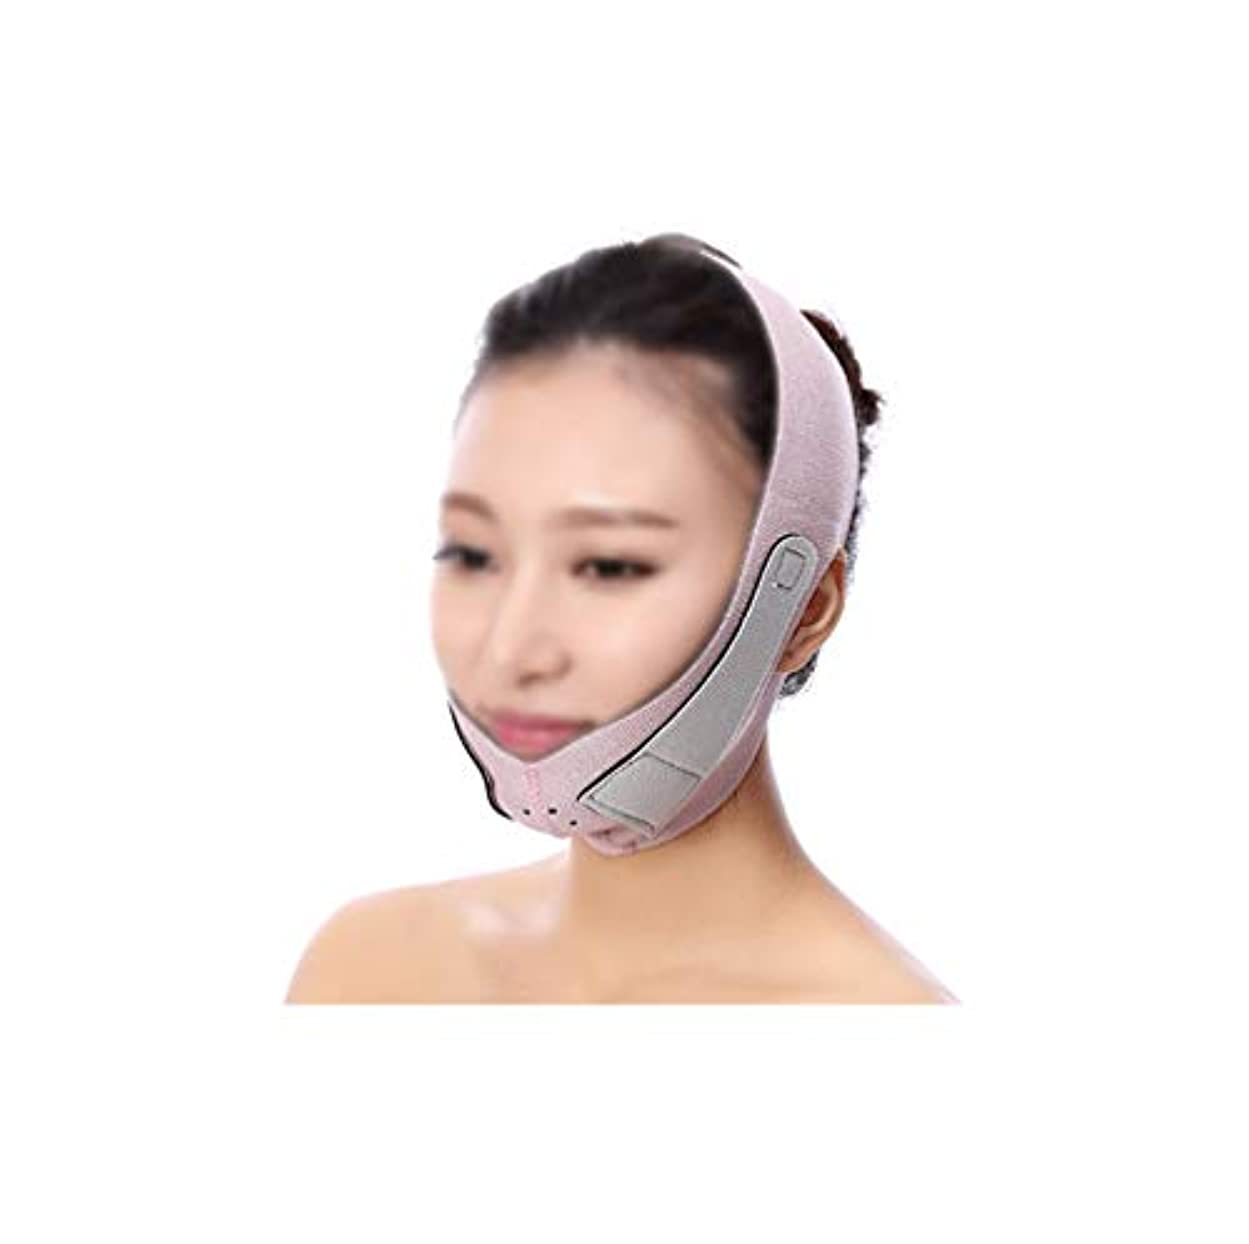 誤解を招くプレビスサイトどういたしましてTLMY 薄い顔マスクあごストラップ回復包帯小さなV顔薄い顔アーティファクト睡眠強力なマスクフェイスリフティング包帯フェイシャルリフティングダブルチンリフティング引き締め 顔用整形マスク